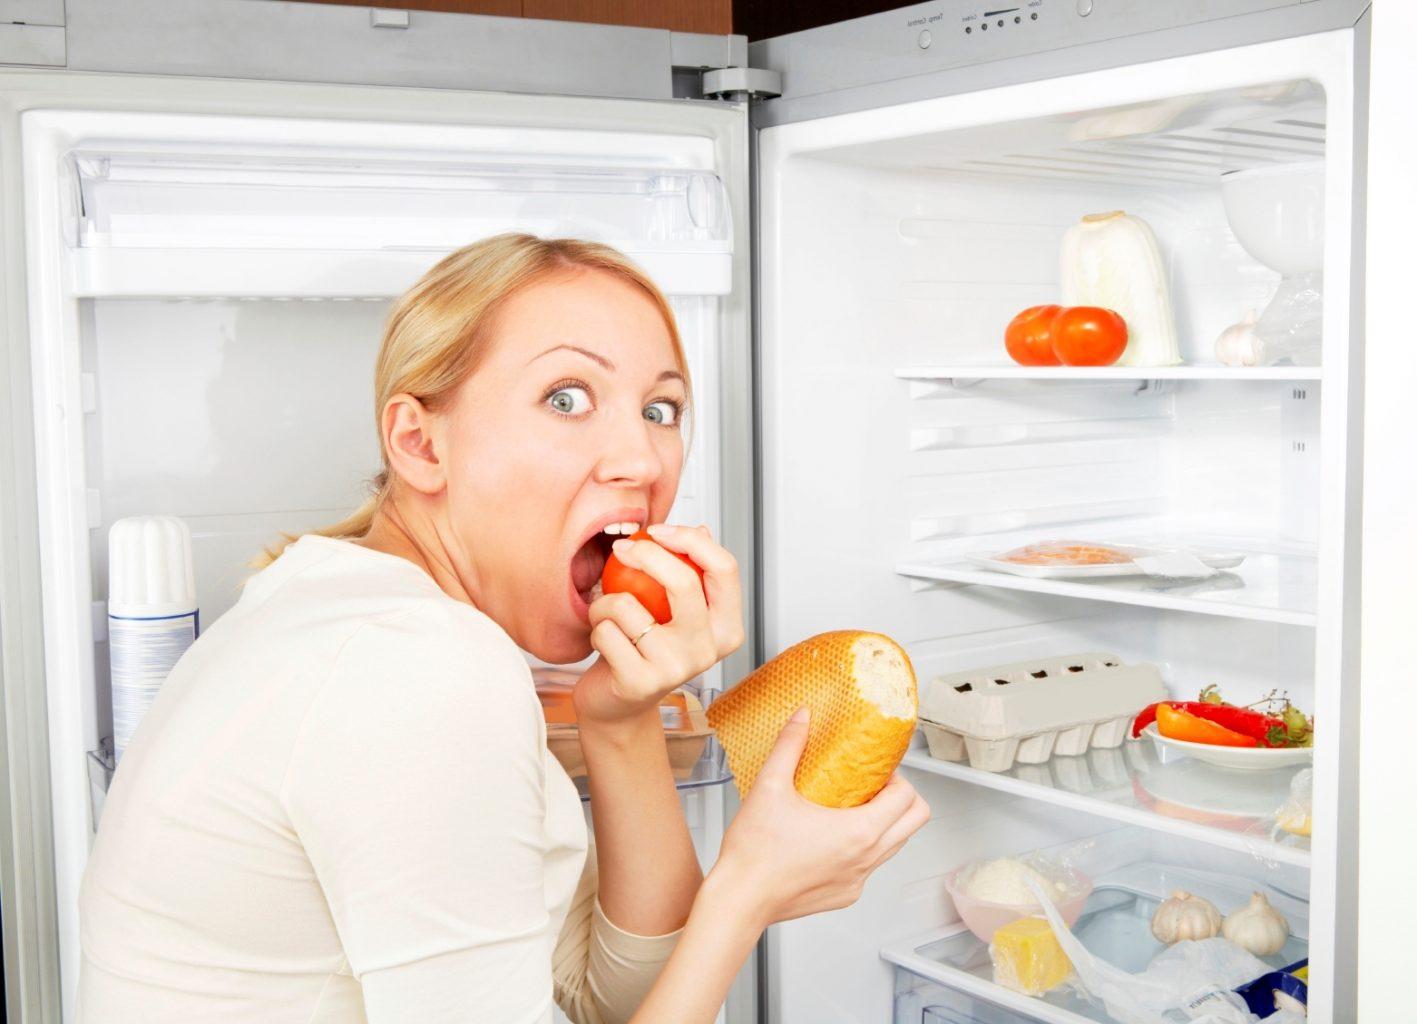 30 симптомов расстройства пищевого поведения - лайфхакер